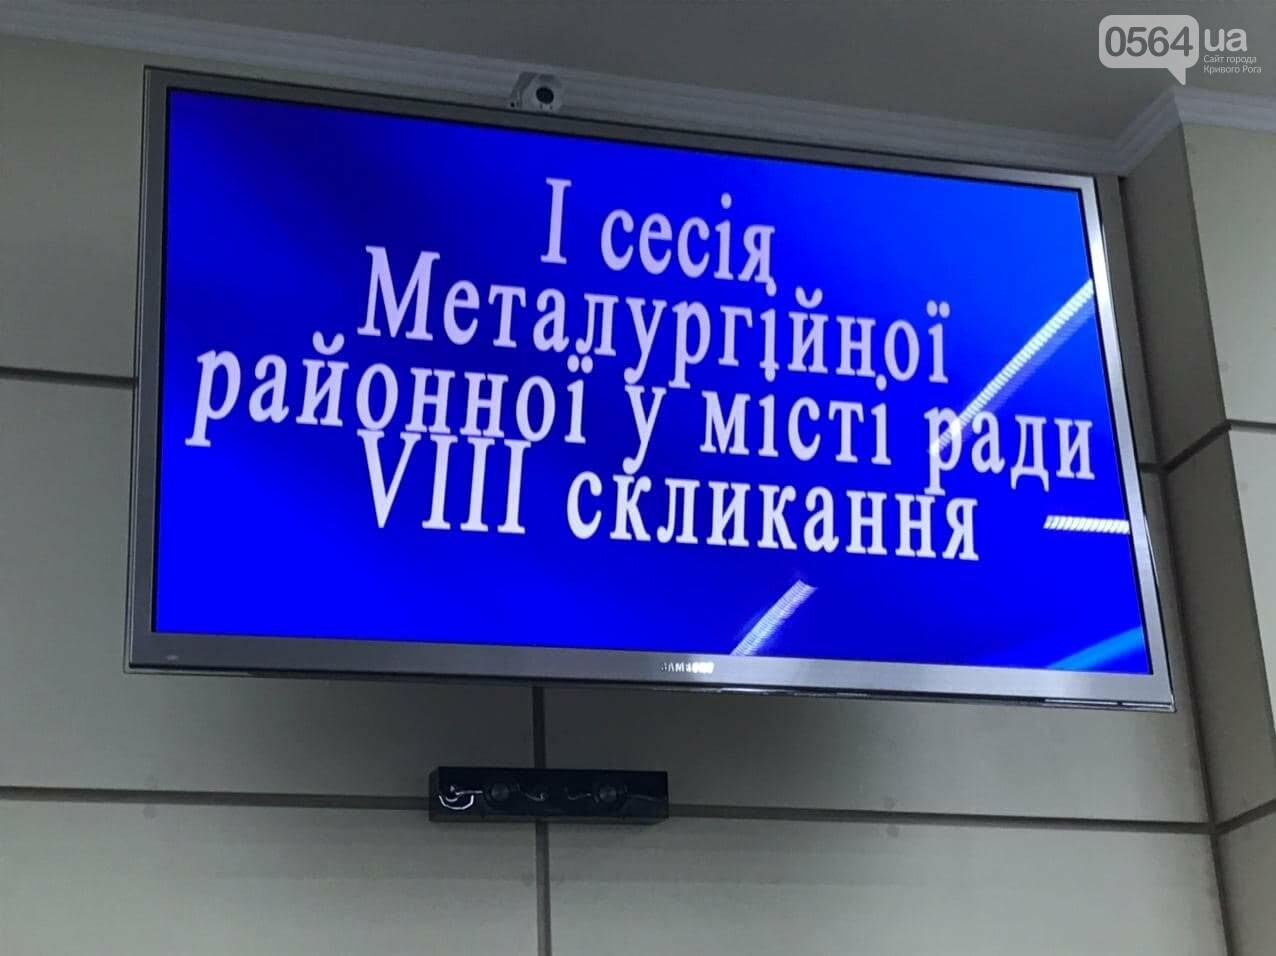 Руководить Металлургическим райсоветом продолжит Геннадий Шаповалов, - ФОТО , фото-6